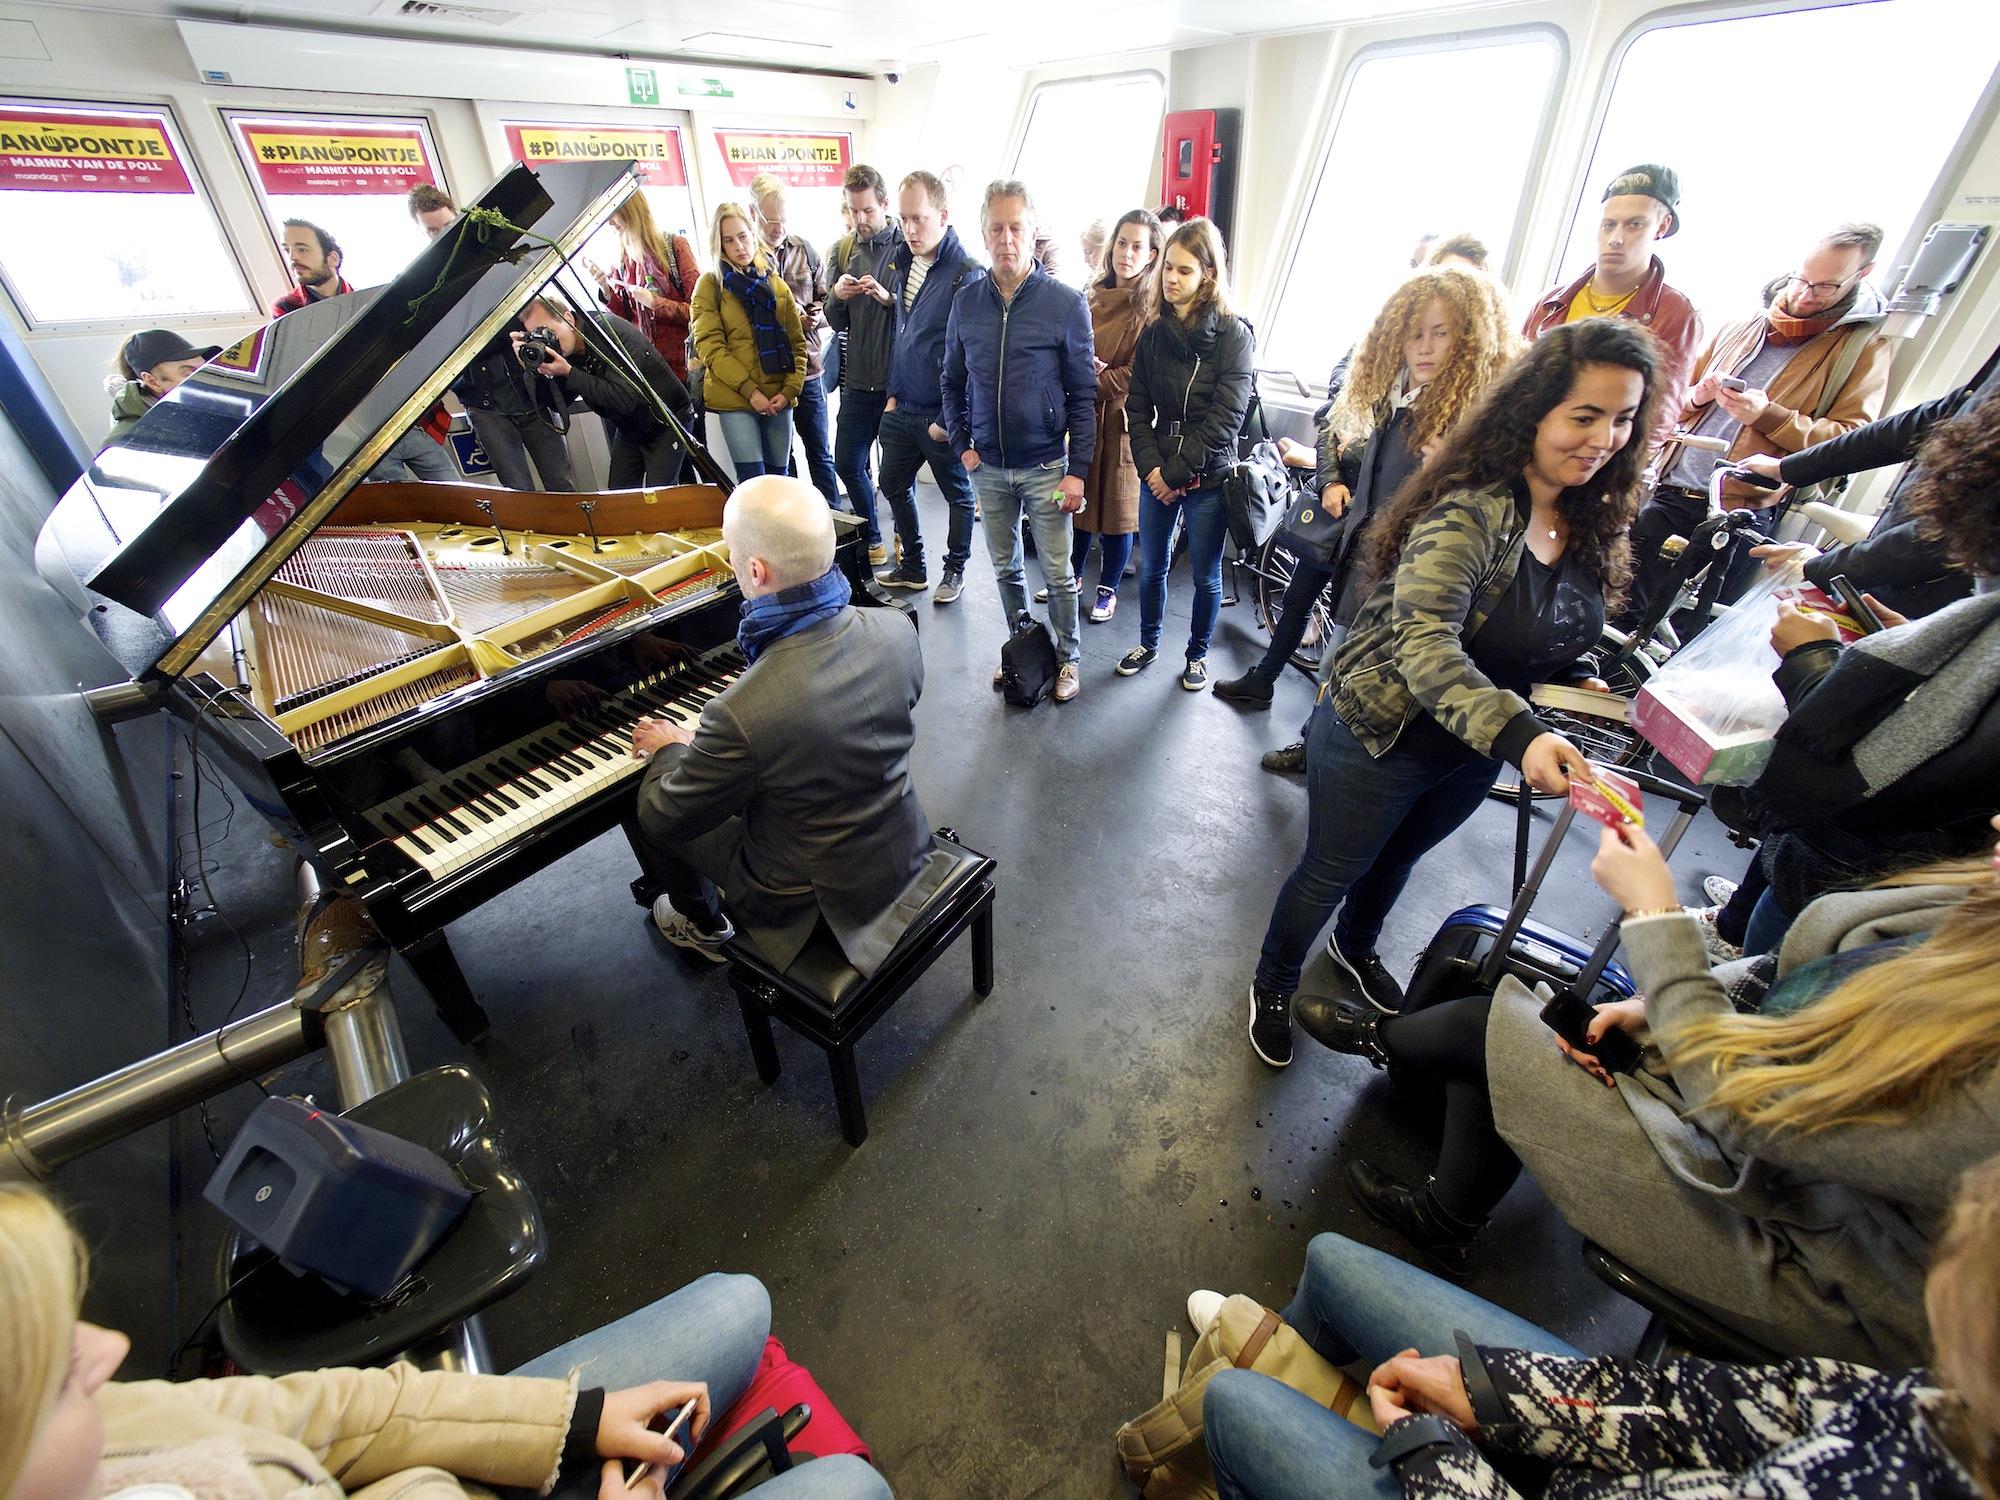 Pianopontje2017 ©Ruben Visser 1